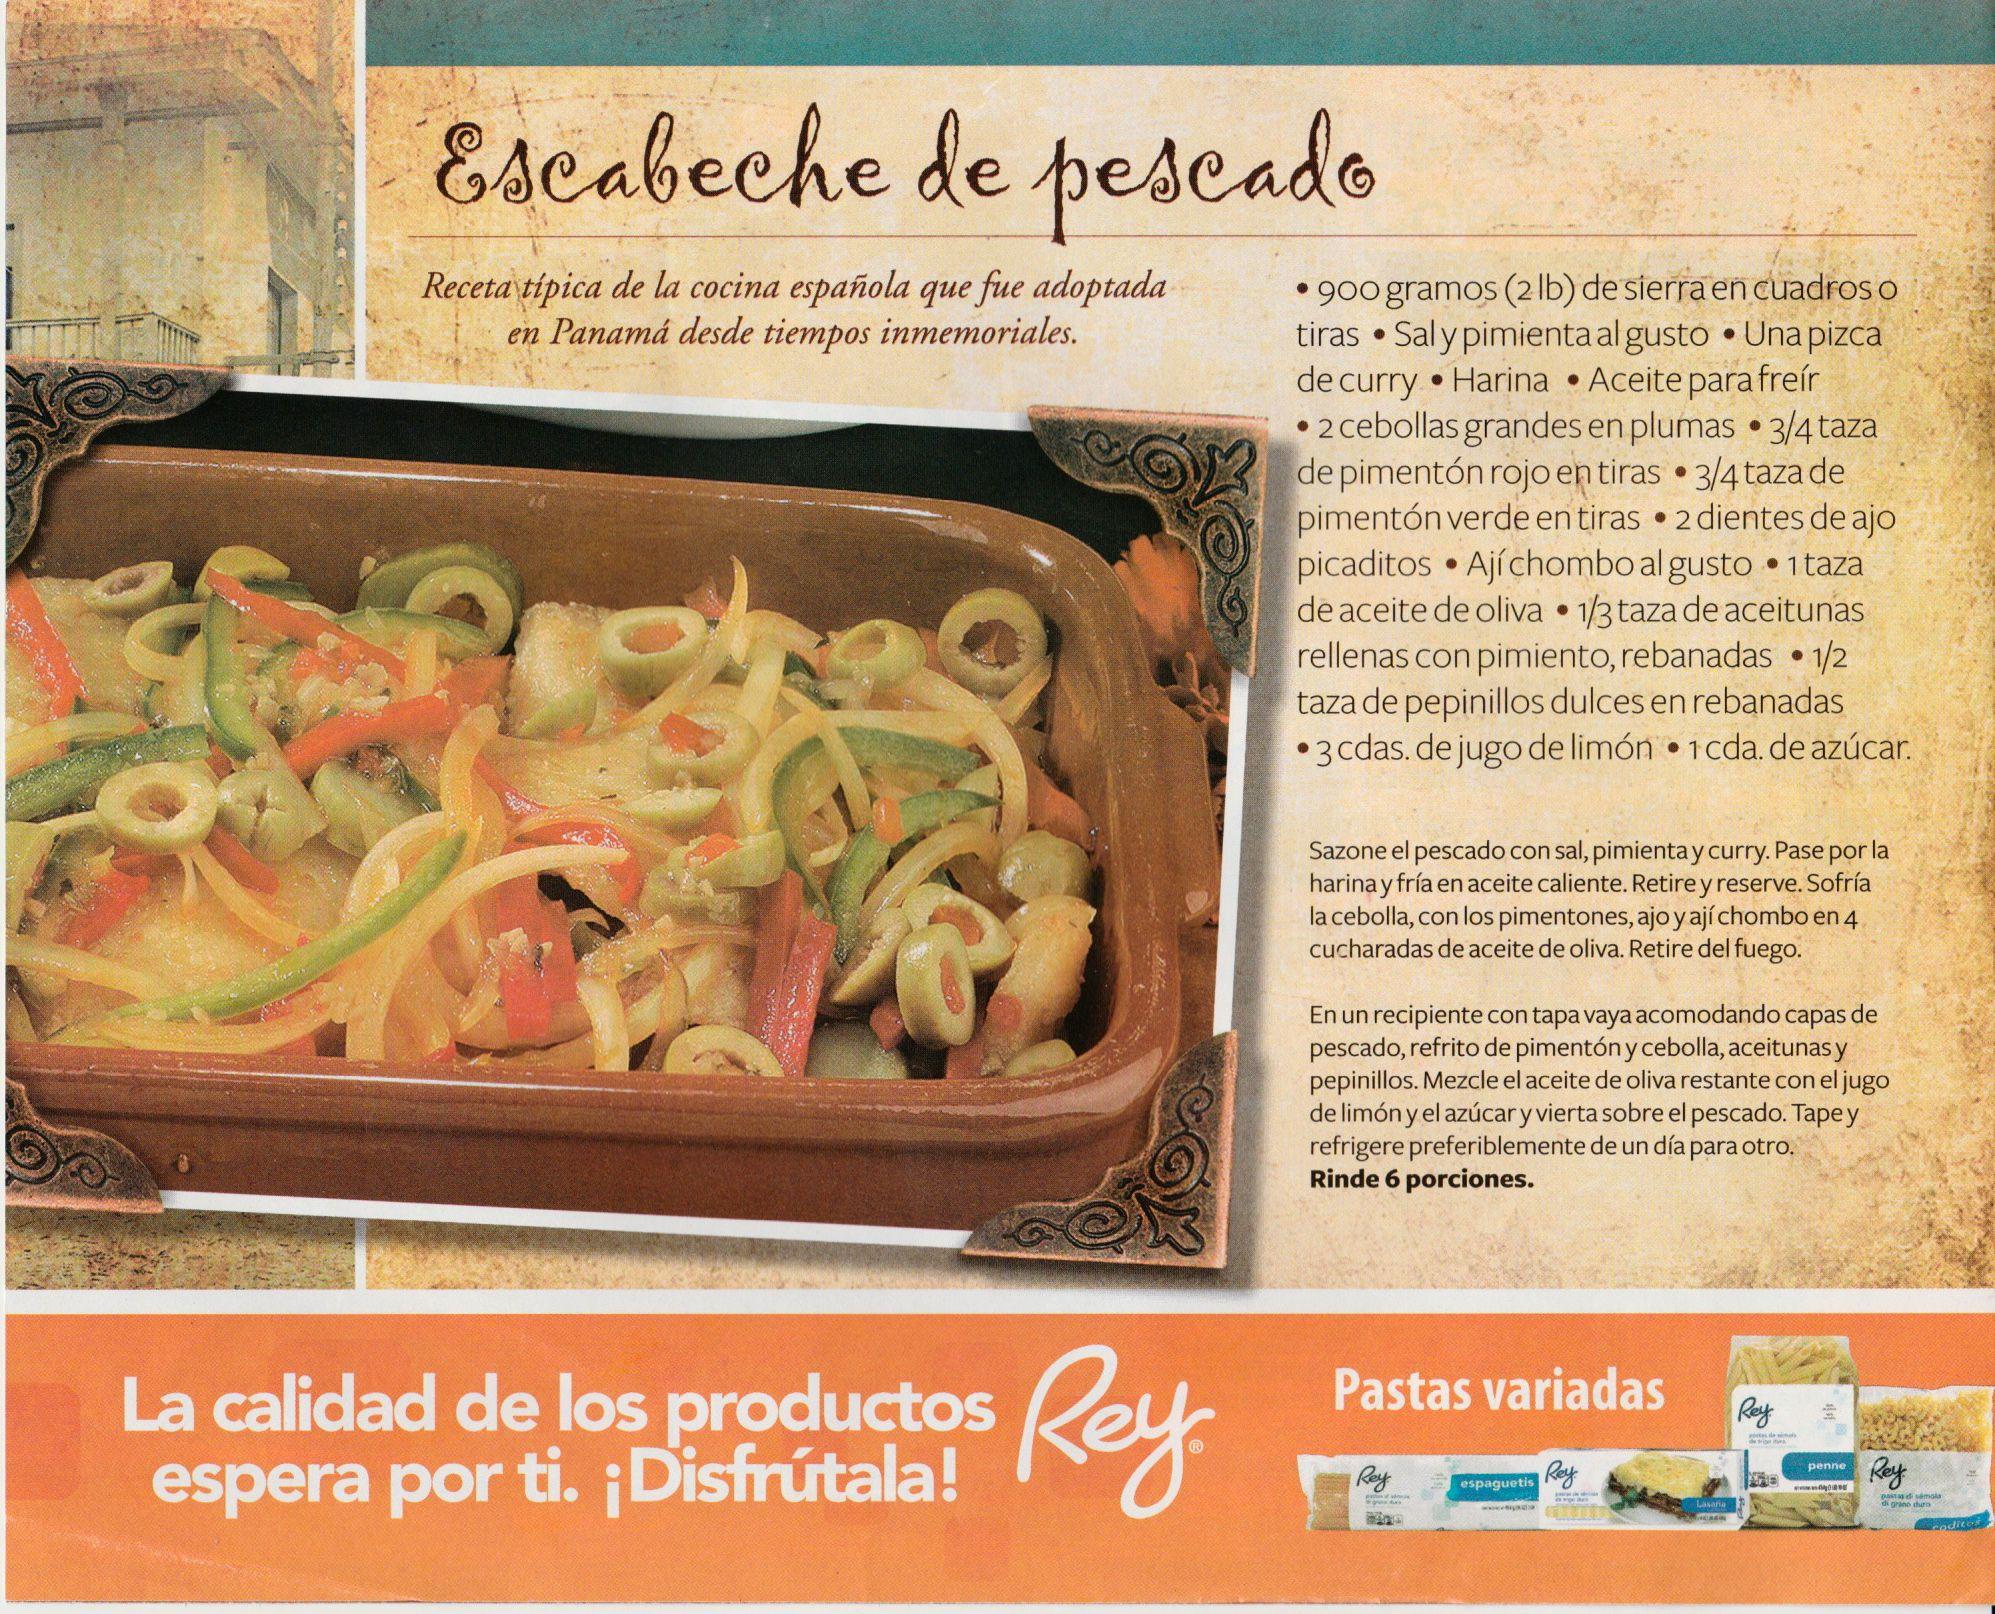 Escabeche de pescado paname o food panama pinterest for Cocinar 7 mares